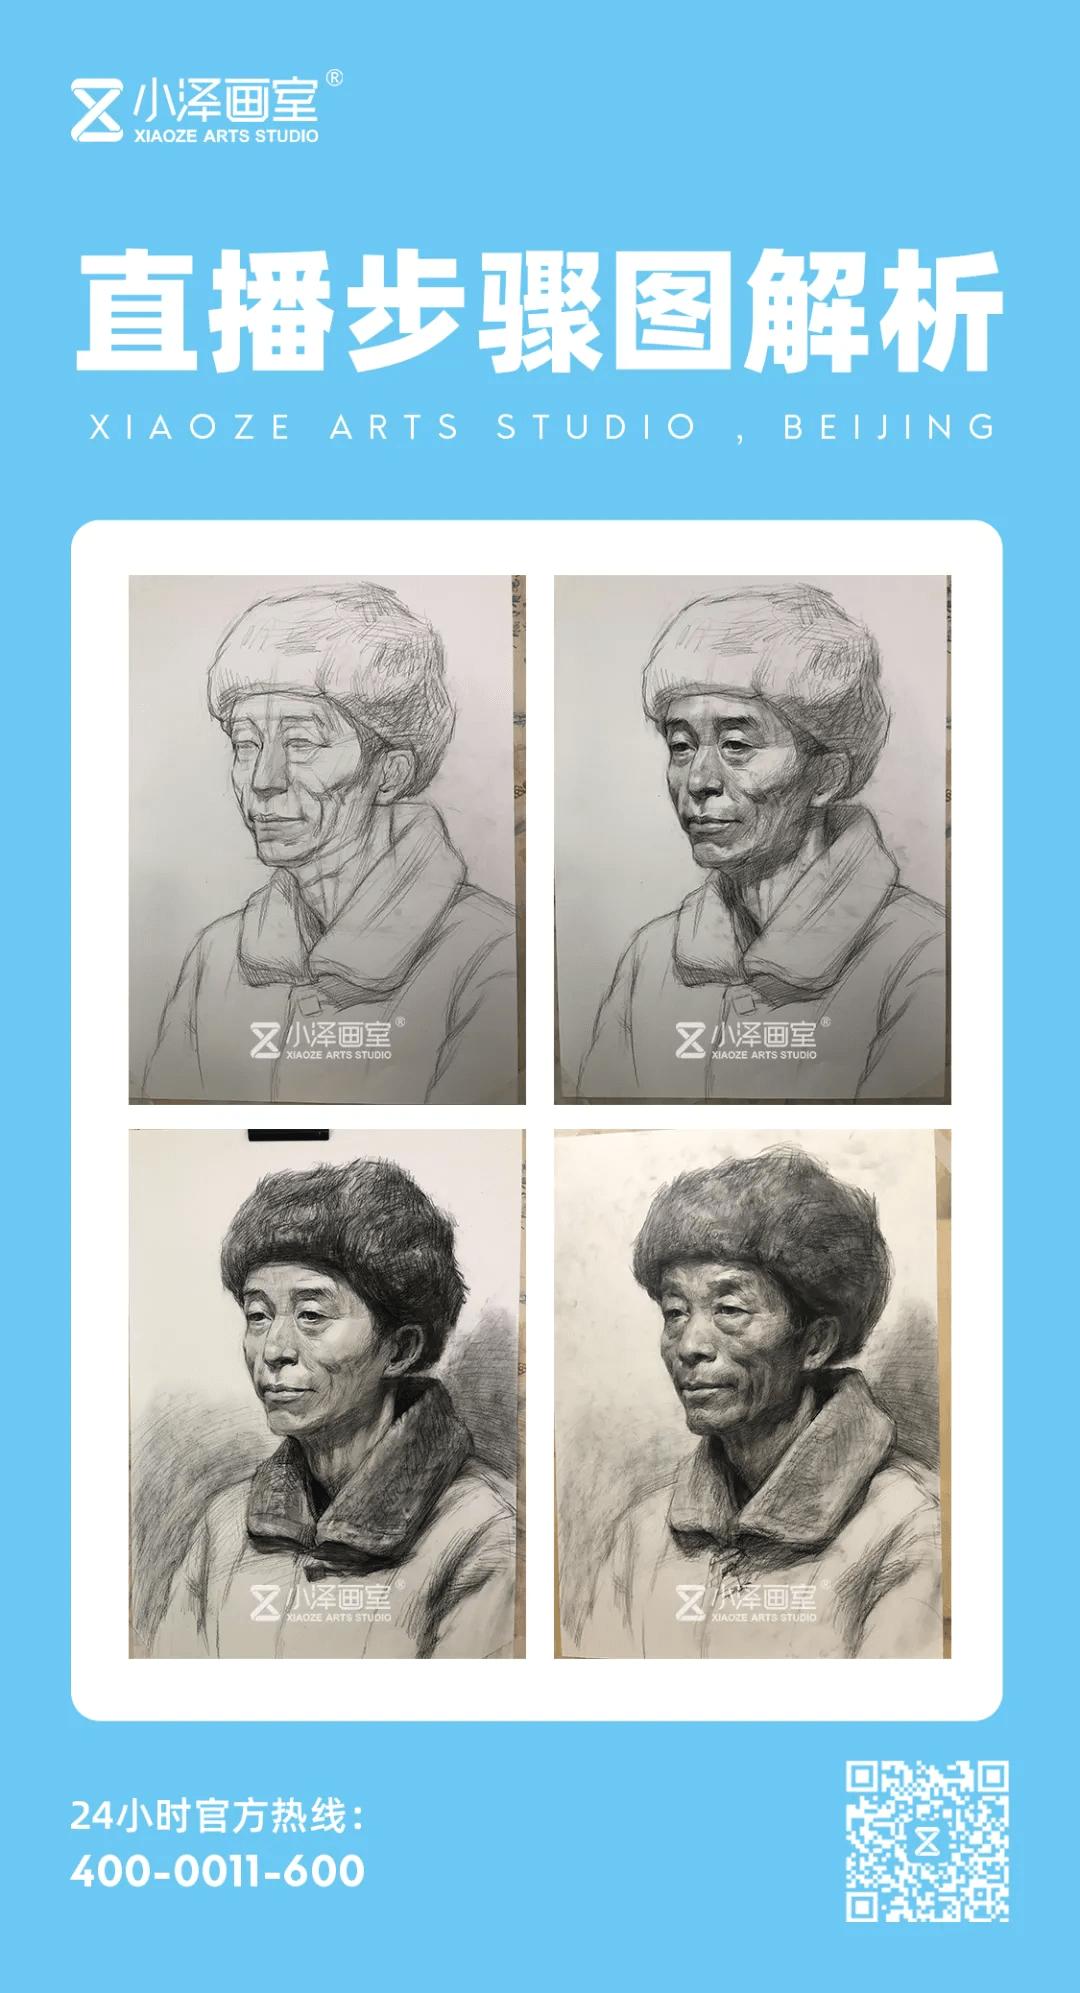 北京小泽画室,小泽画室,北京画室